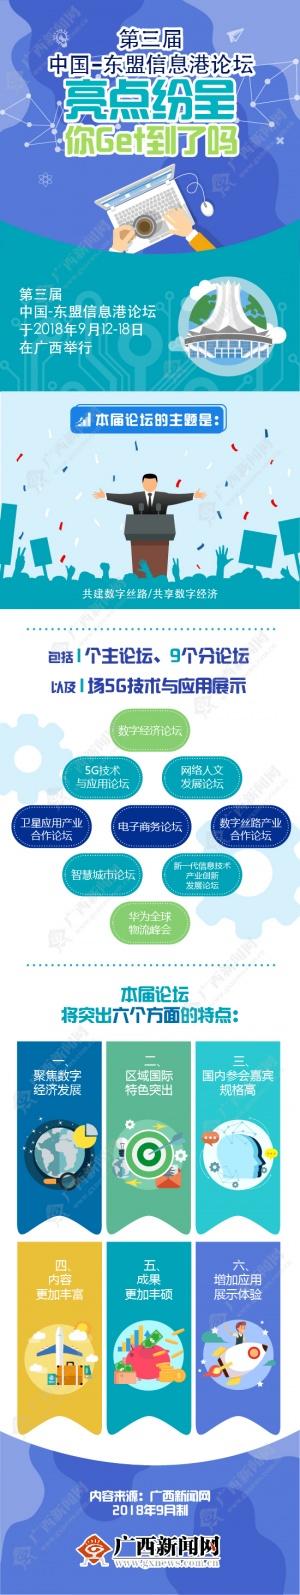 图解丨第三届中国-东盟信息港论坛亮点